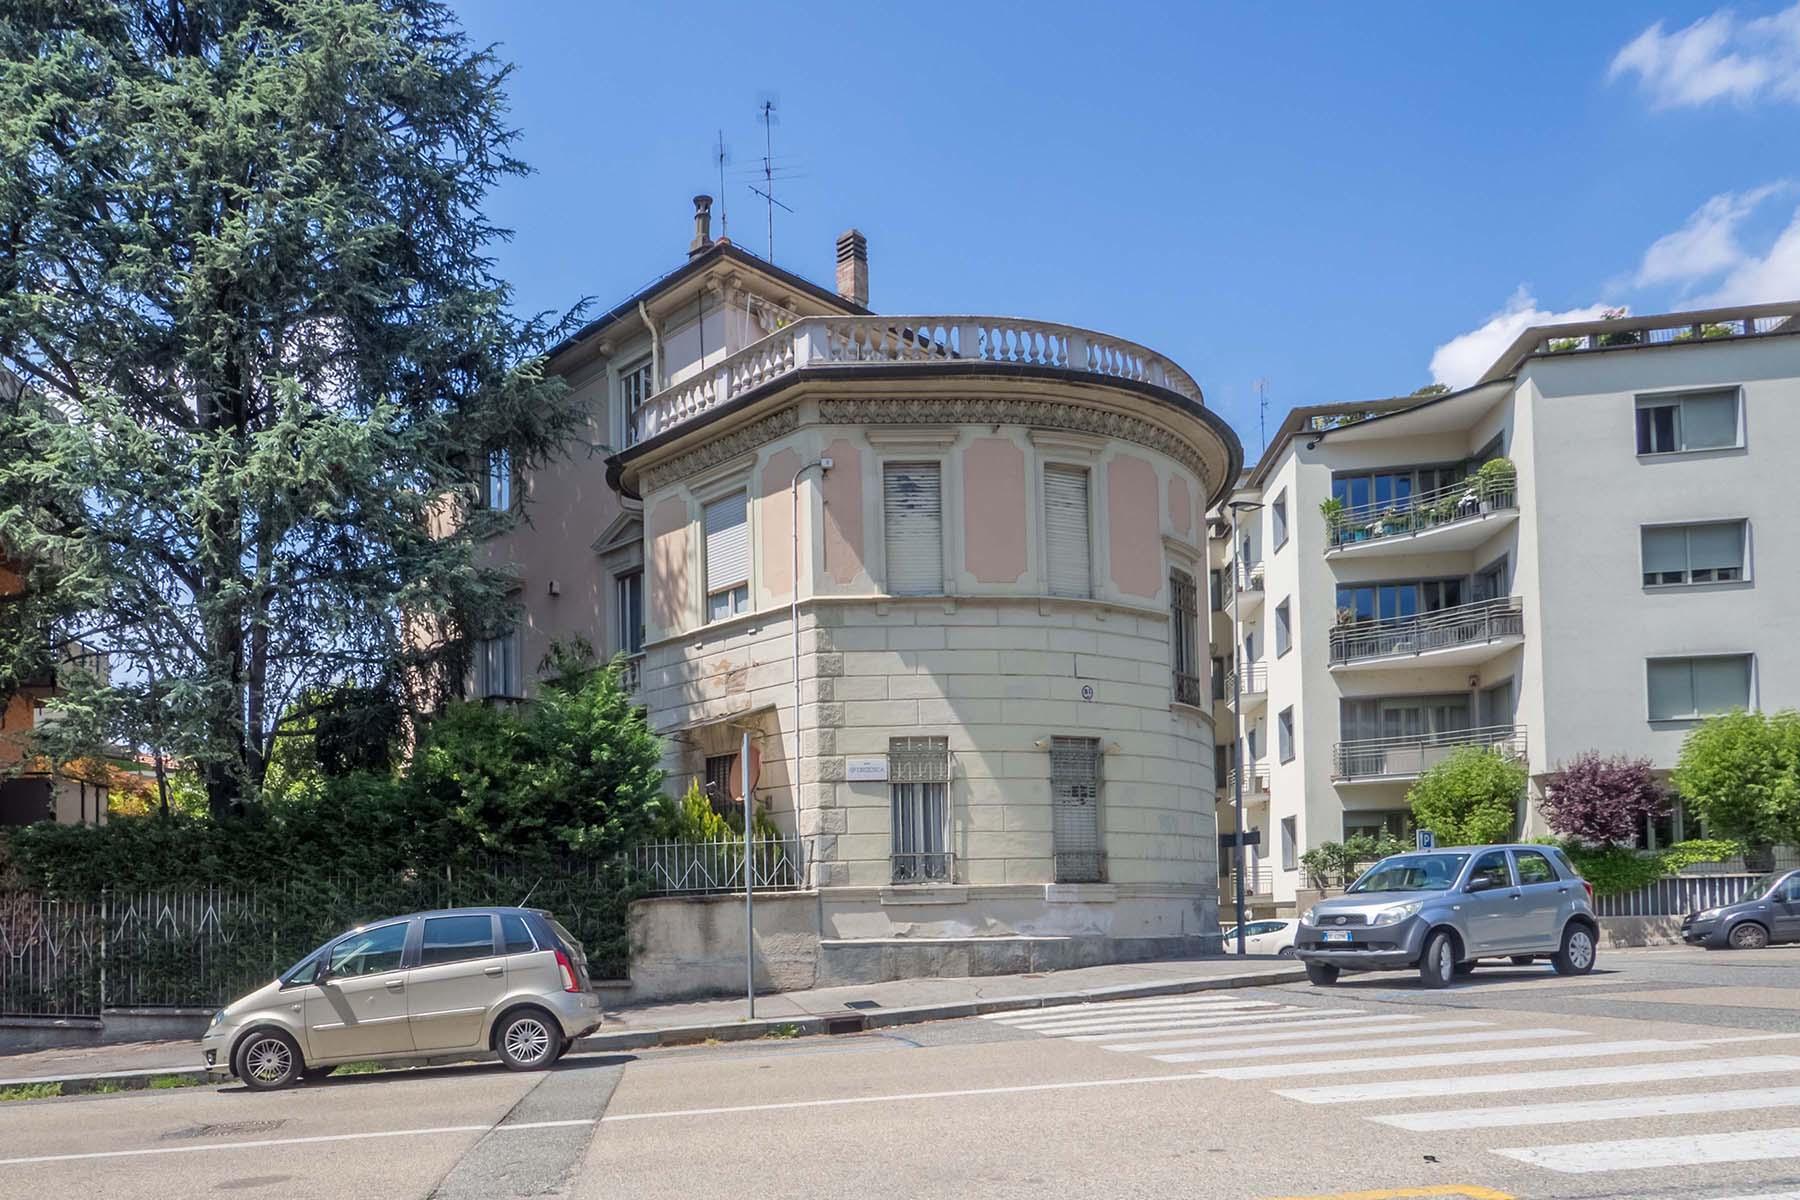 Charmante Penthouse mit Terrassen im Crimea Stadtviertel - 20